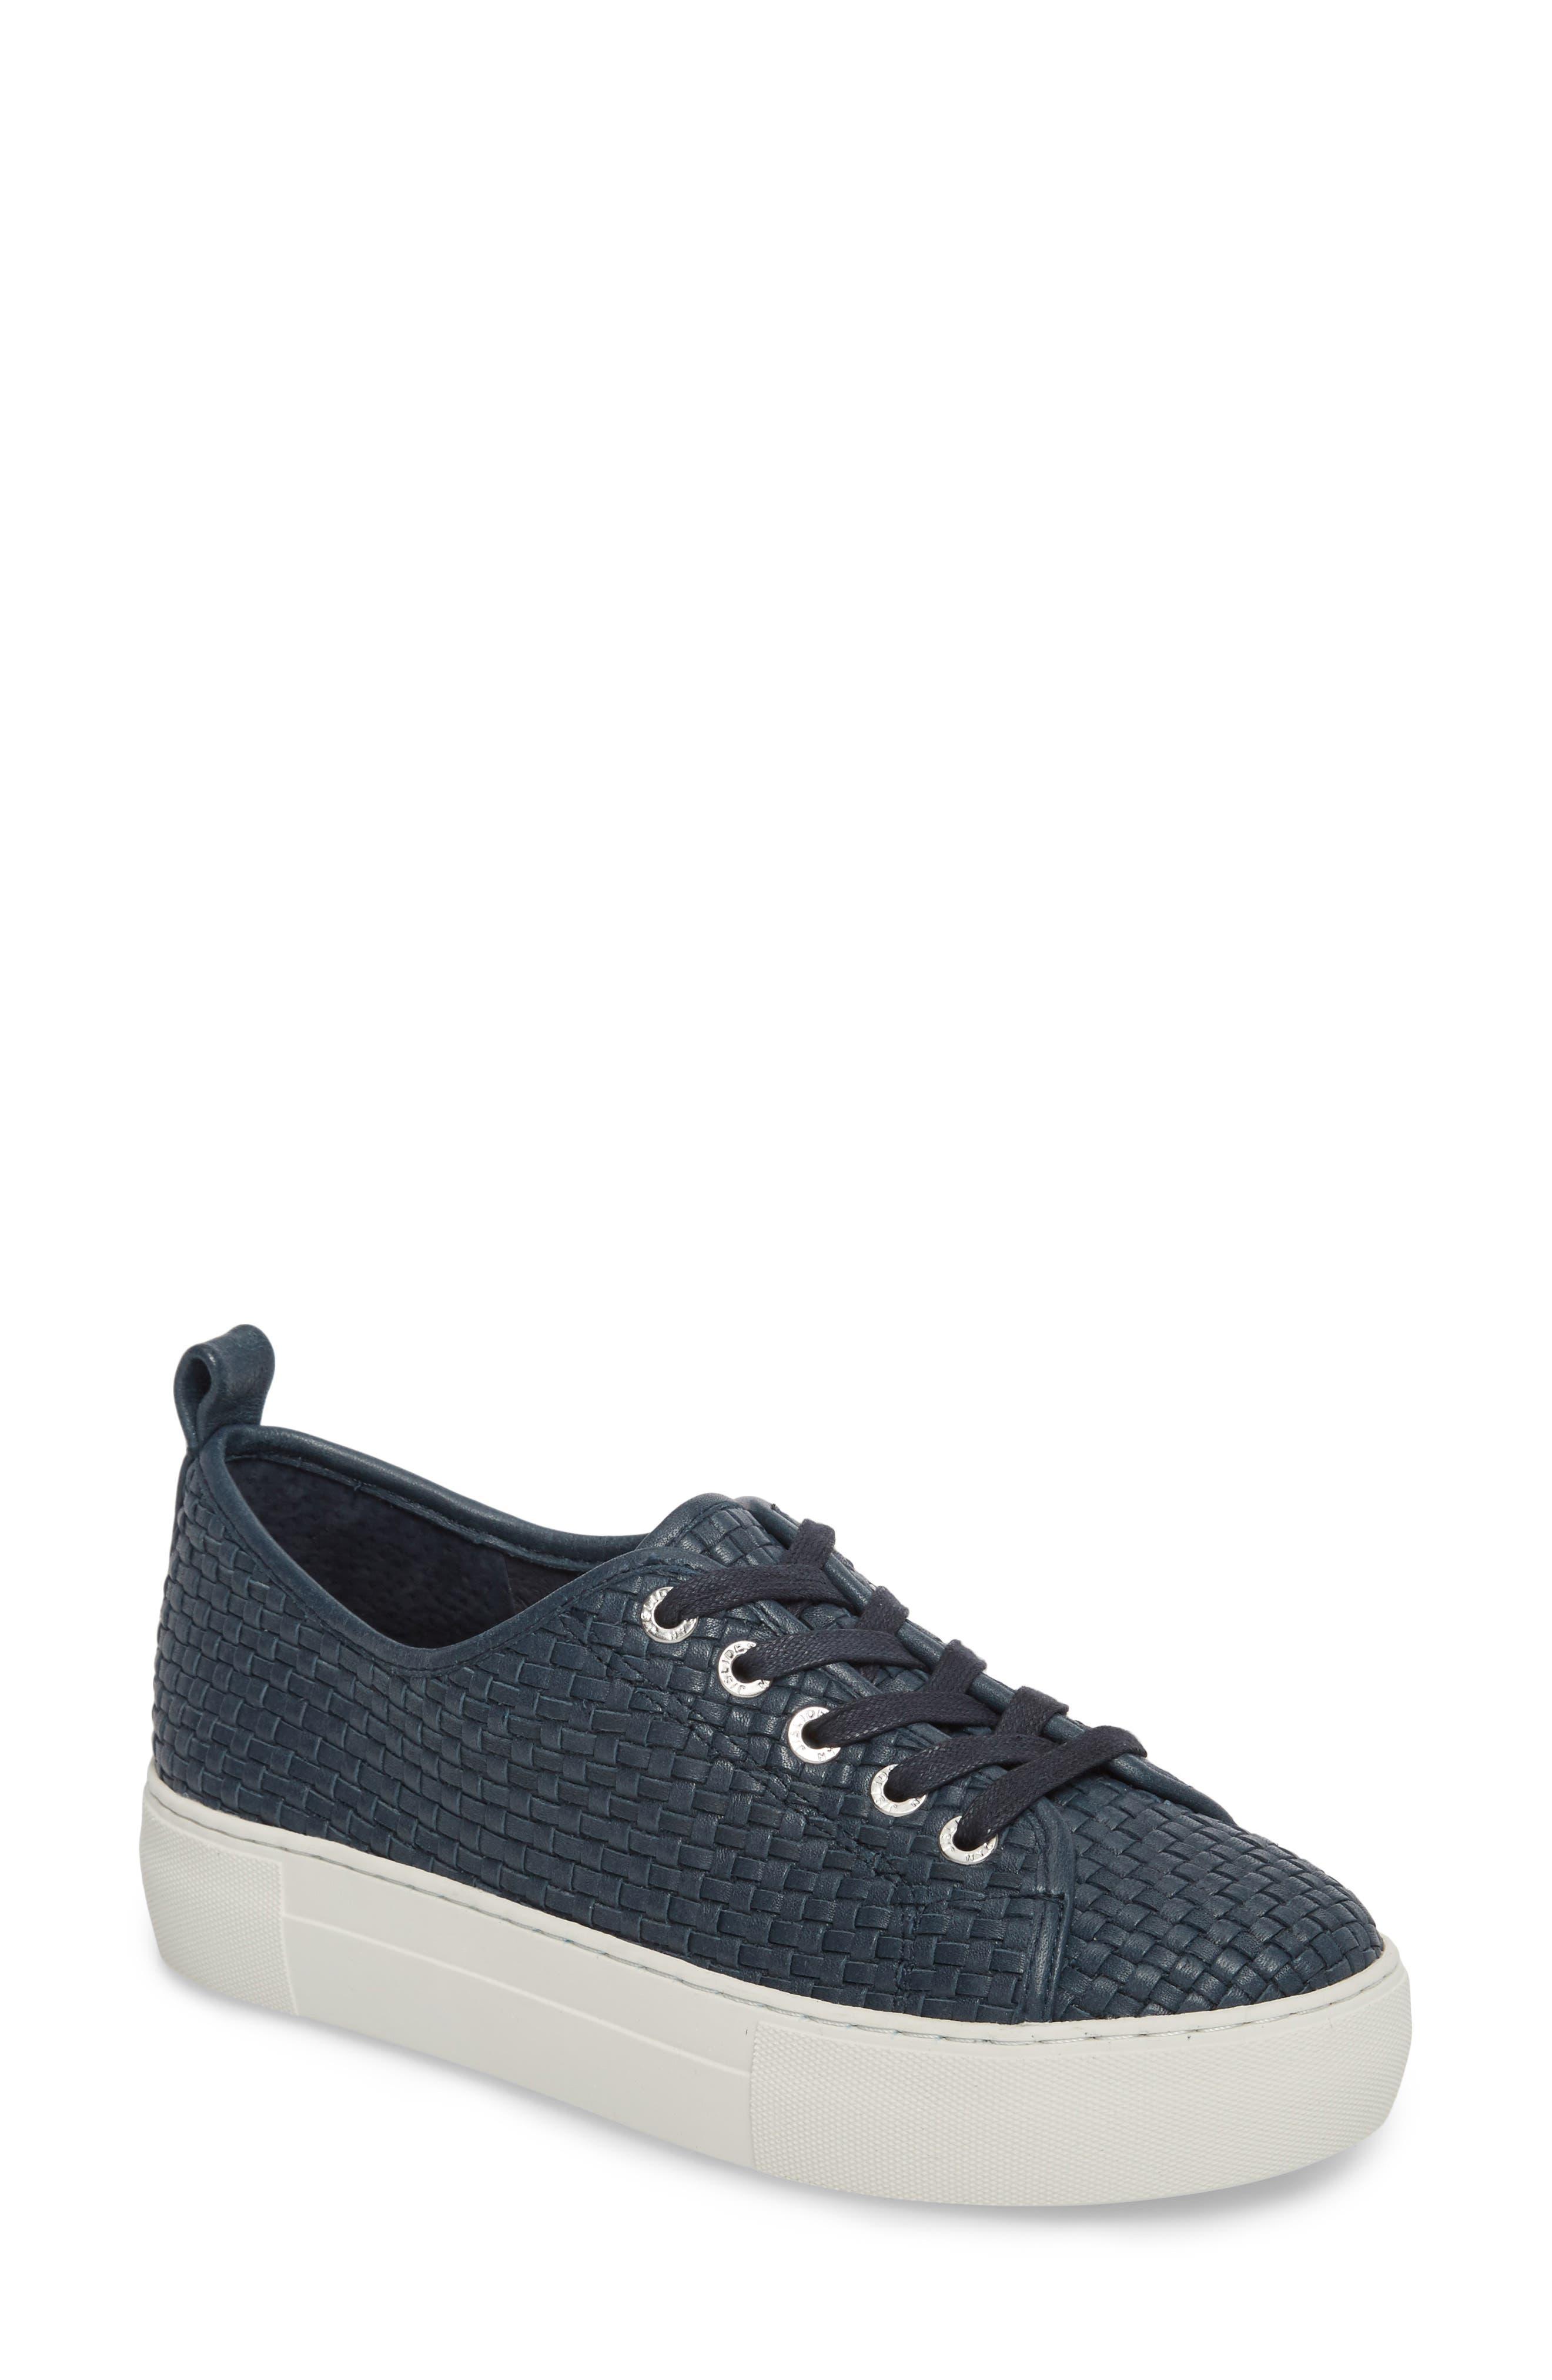 JSlides Artsy Woven Platform Sneaker (Women)